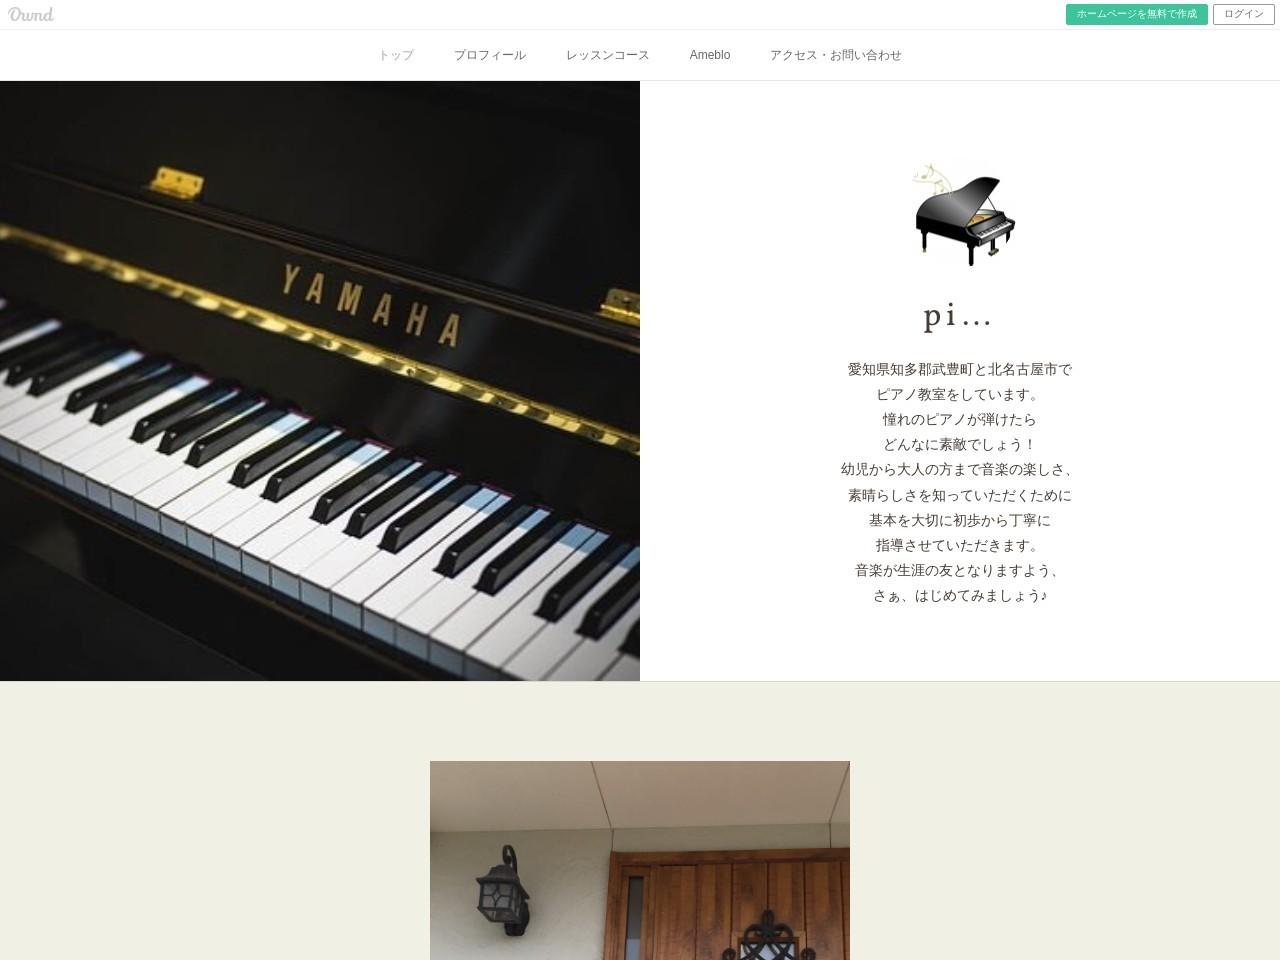 piano room Y's(武豊教室)のサムネイル